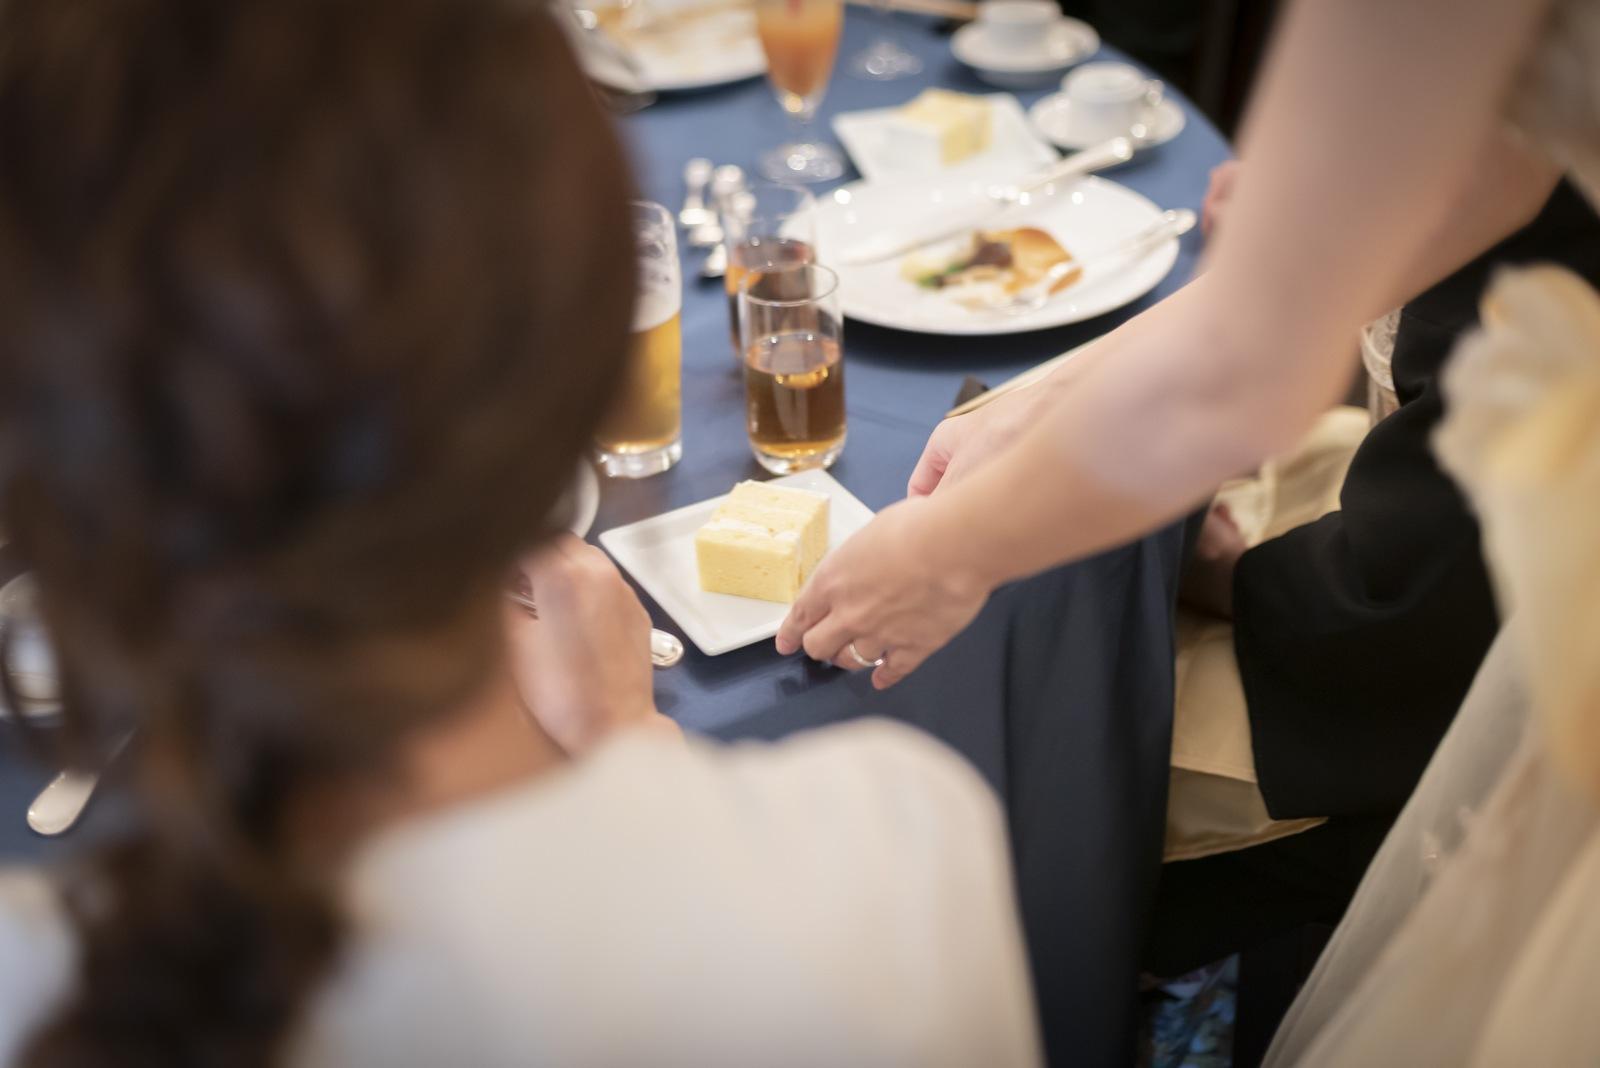 香川県の結婚式場シェルエメール&アイスタイルのケーキ配り